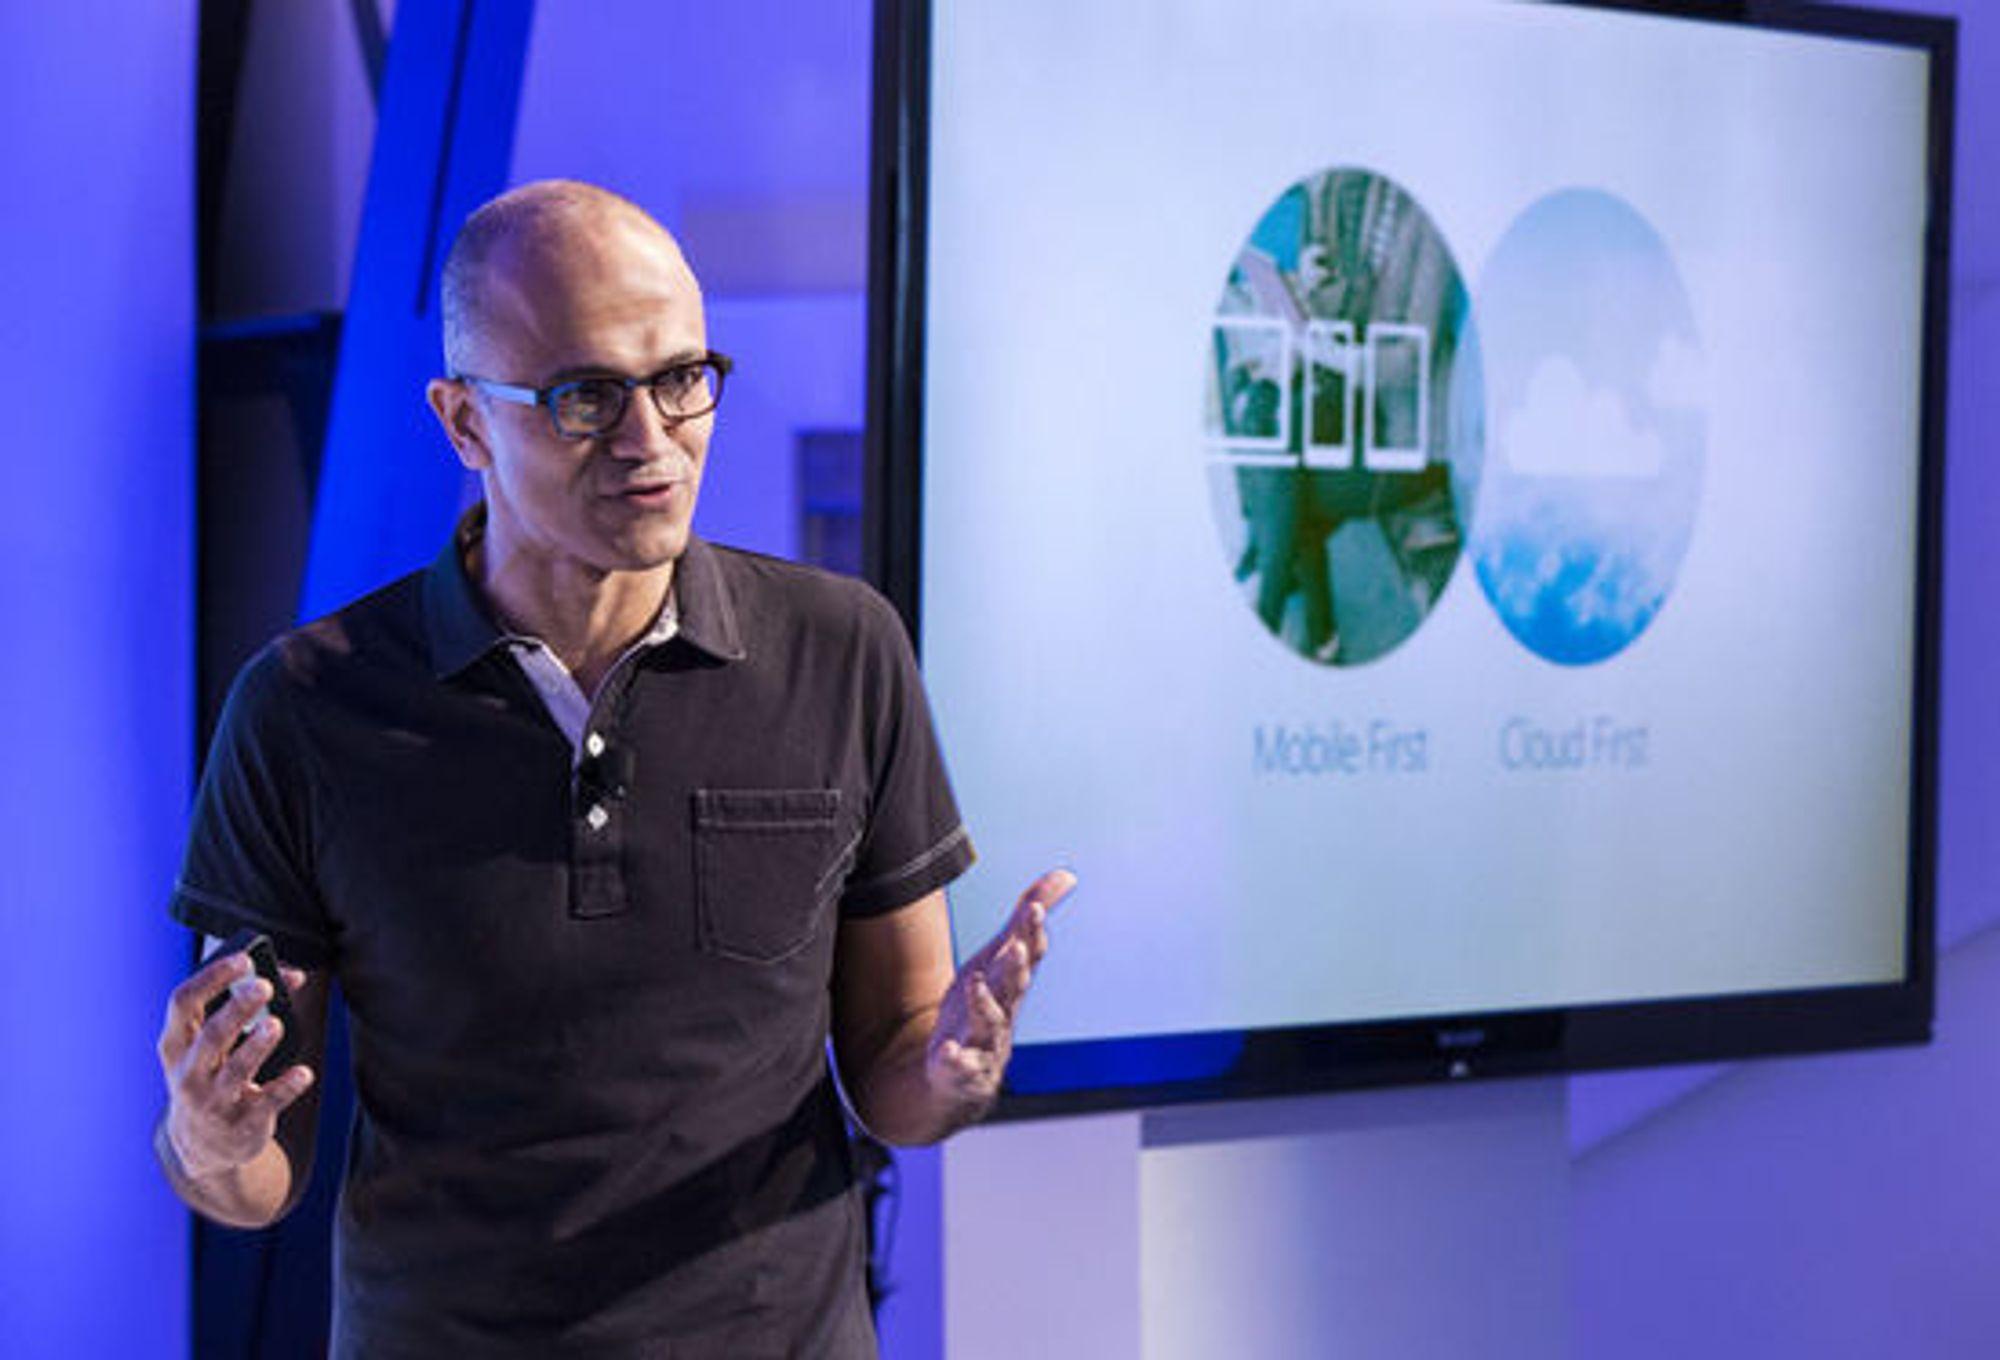 Microsofts nye toppsjef, Satya Nadella,  forklarte under pressekonferansen at han kan telle, selv om han sier at både mobil og nettsky må komme først. Årsaken er at han mener at de to er så avhengige av hverandre.